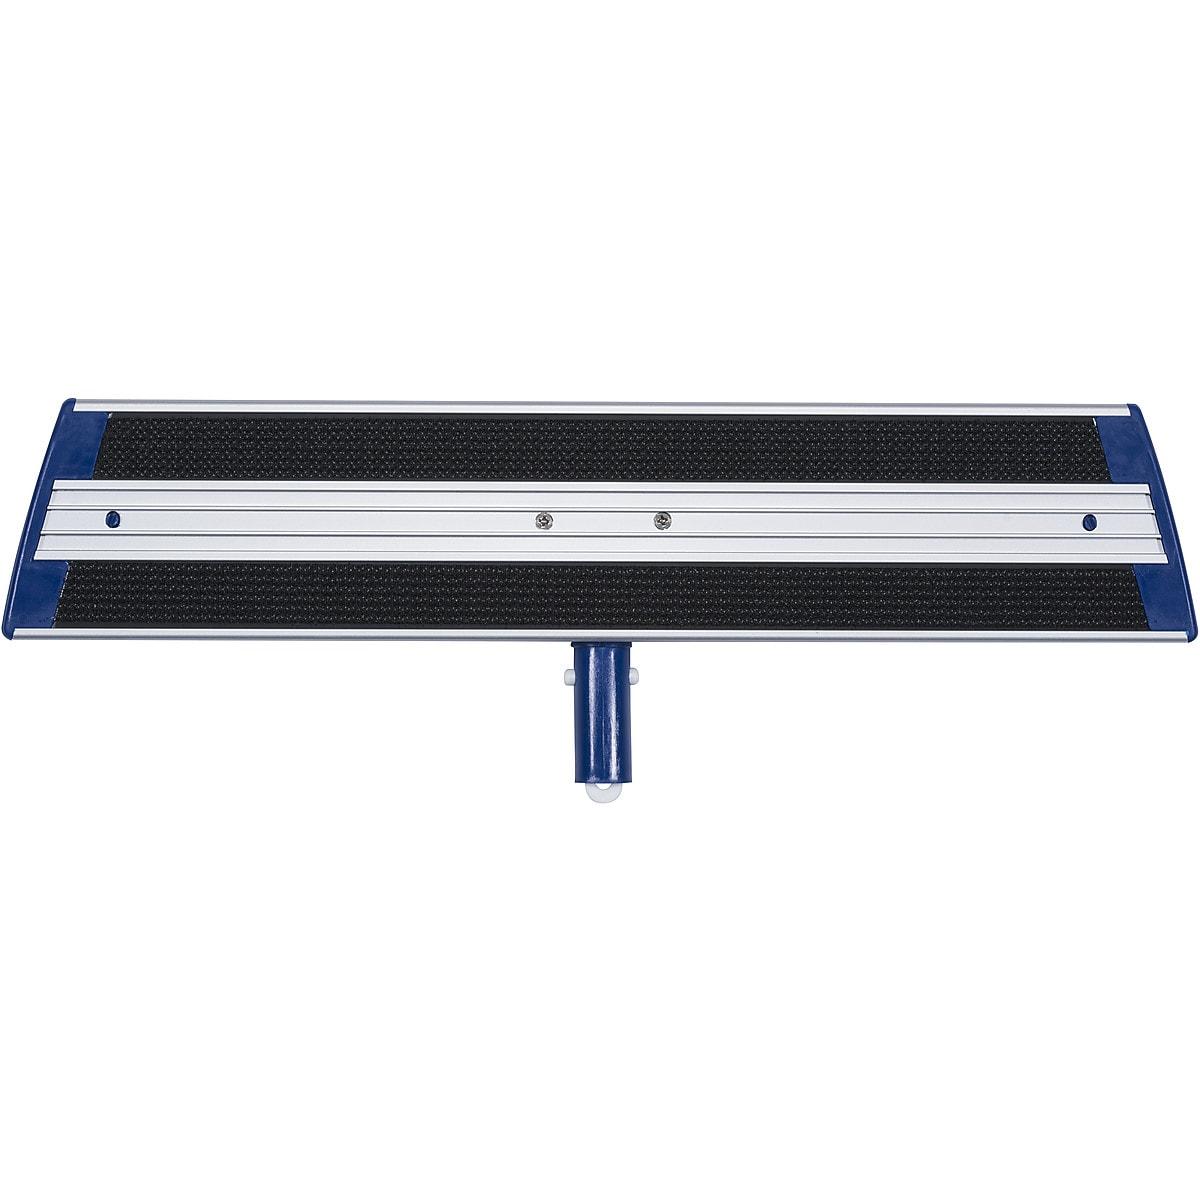 Aluminiumstativ för mopp PRO Smart Microfiber